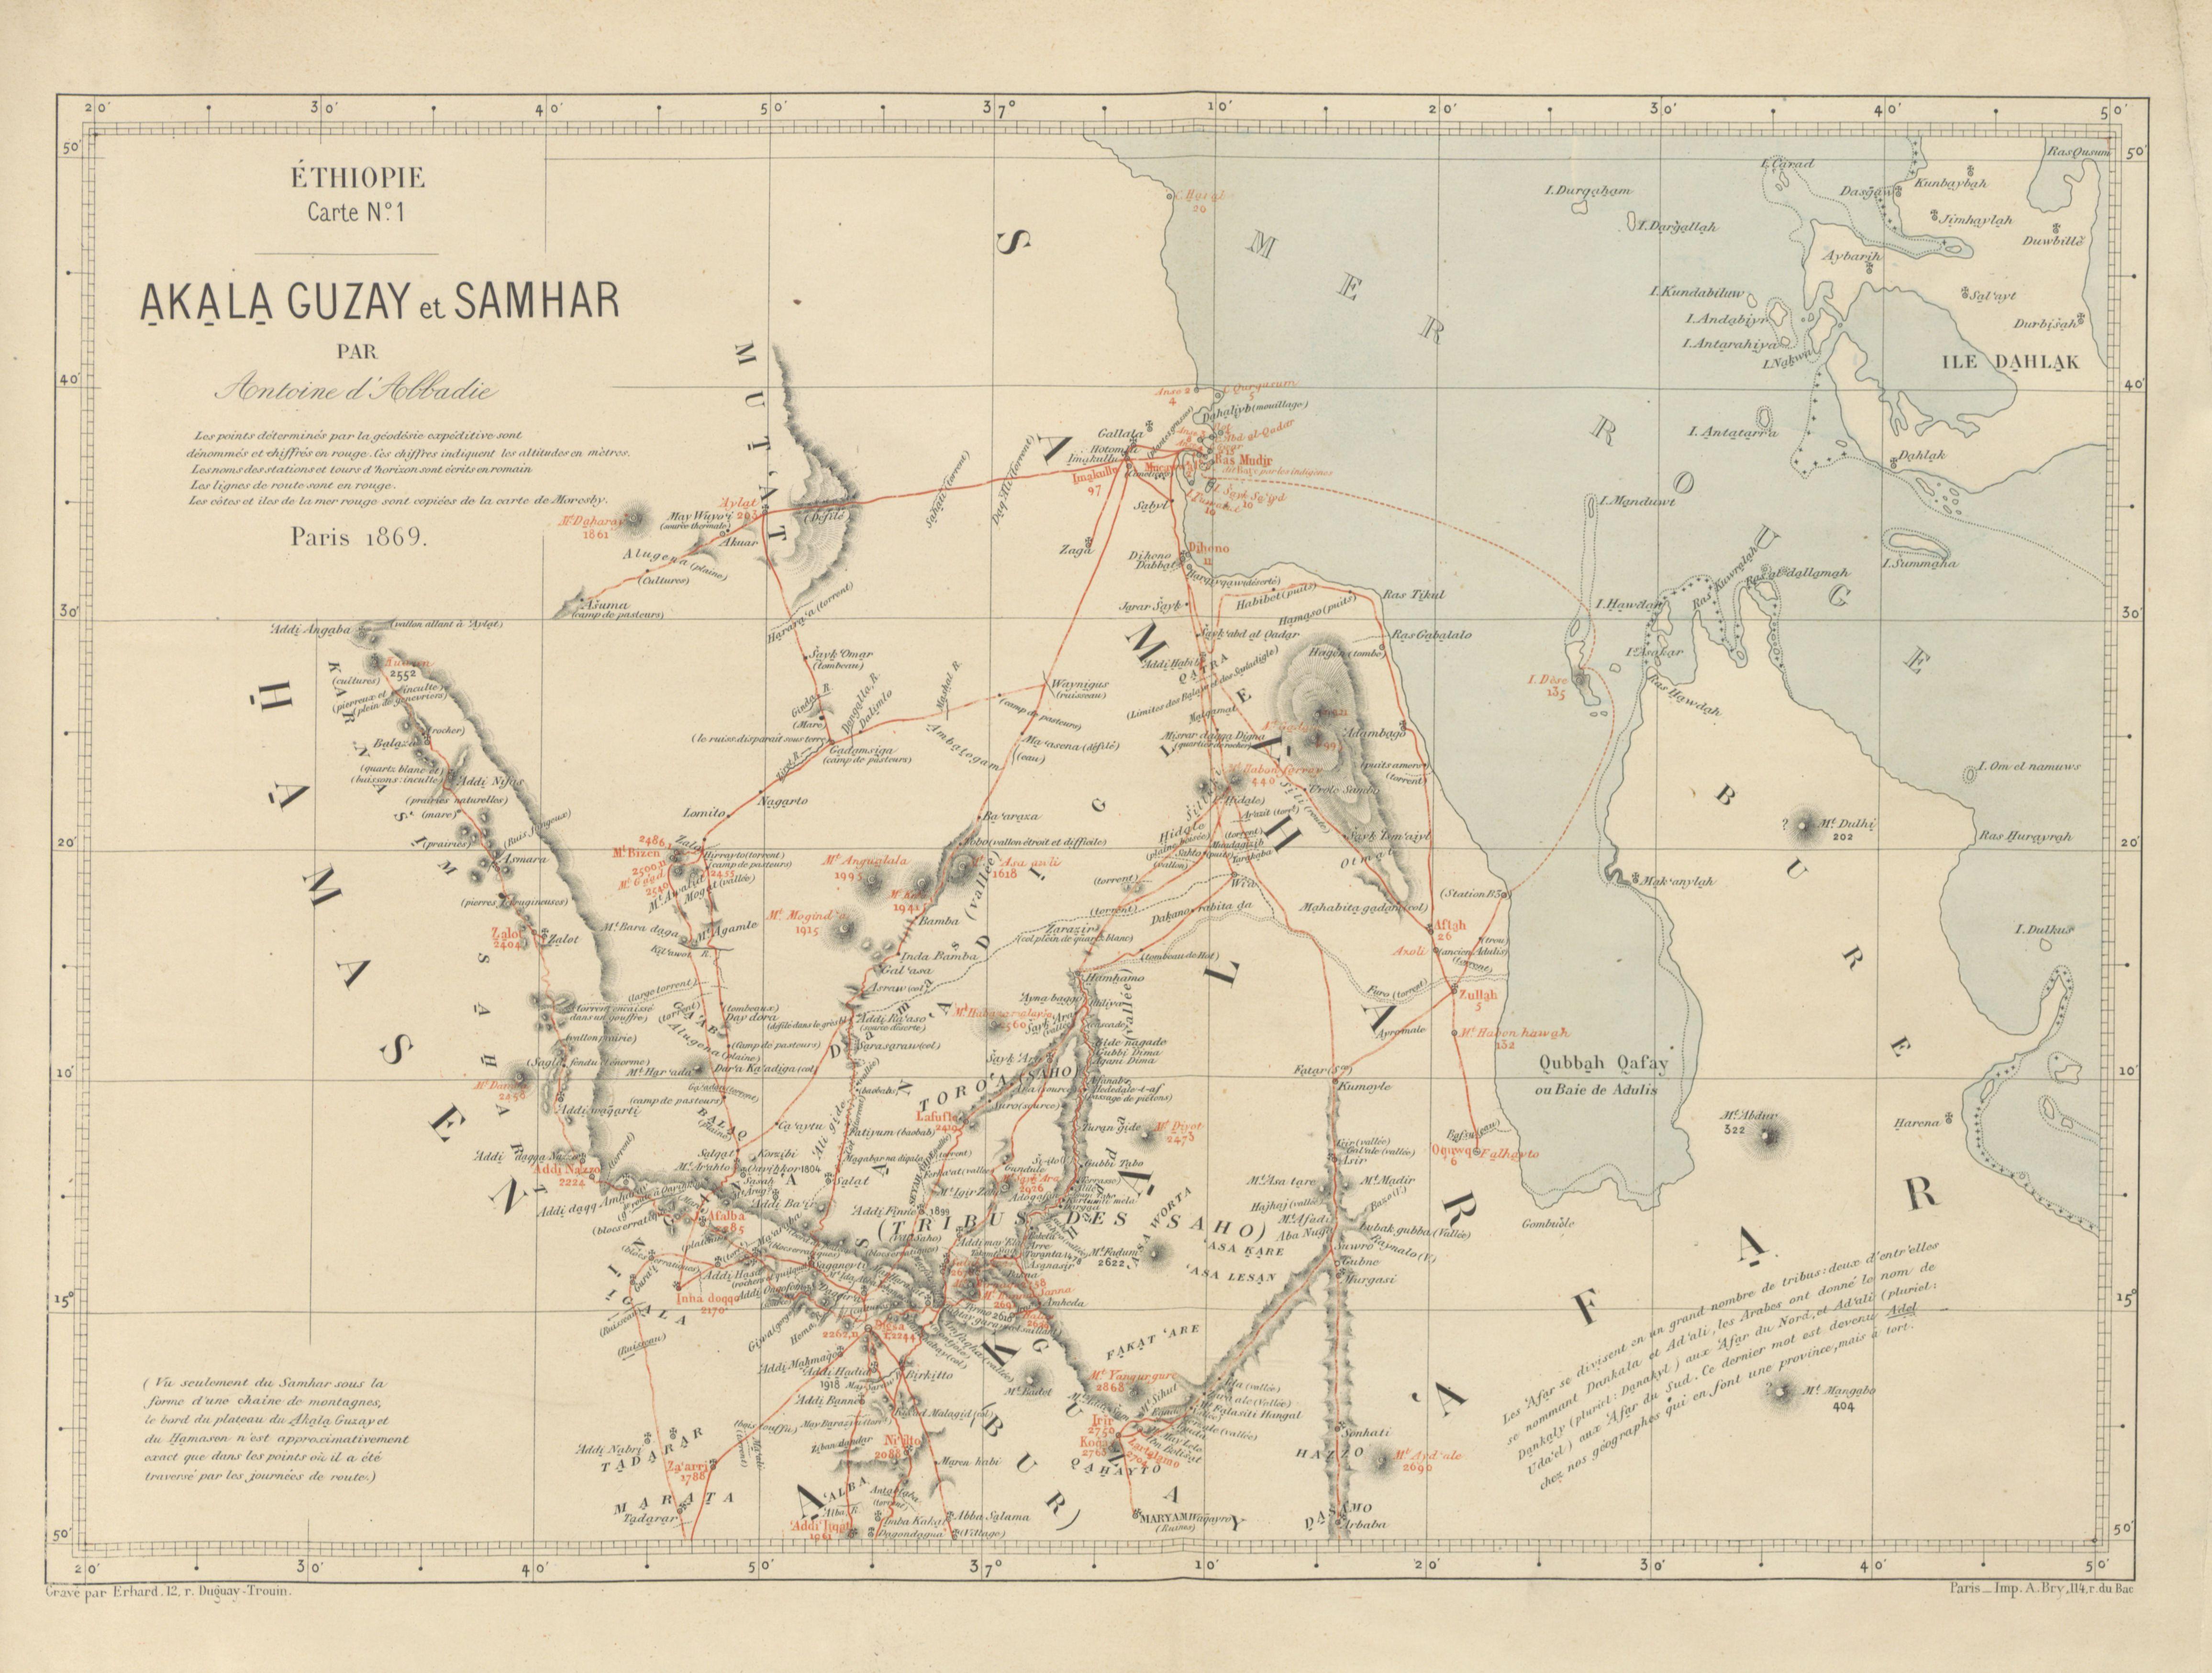 British IslesMappa MundiDungeon MapsHistorical MapsSea Level RiseSomerset